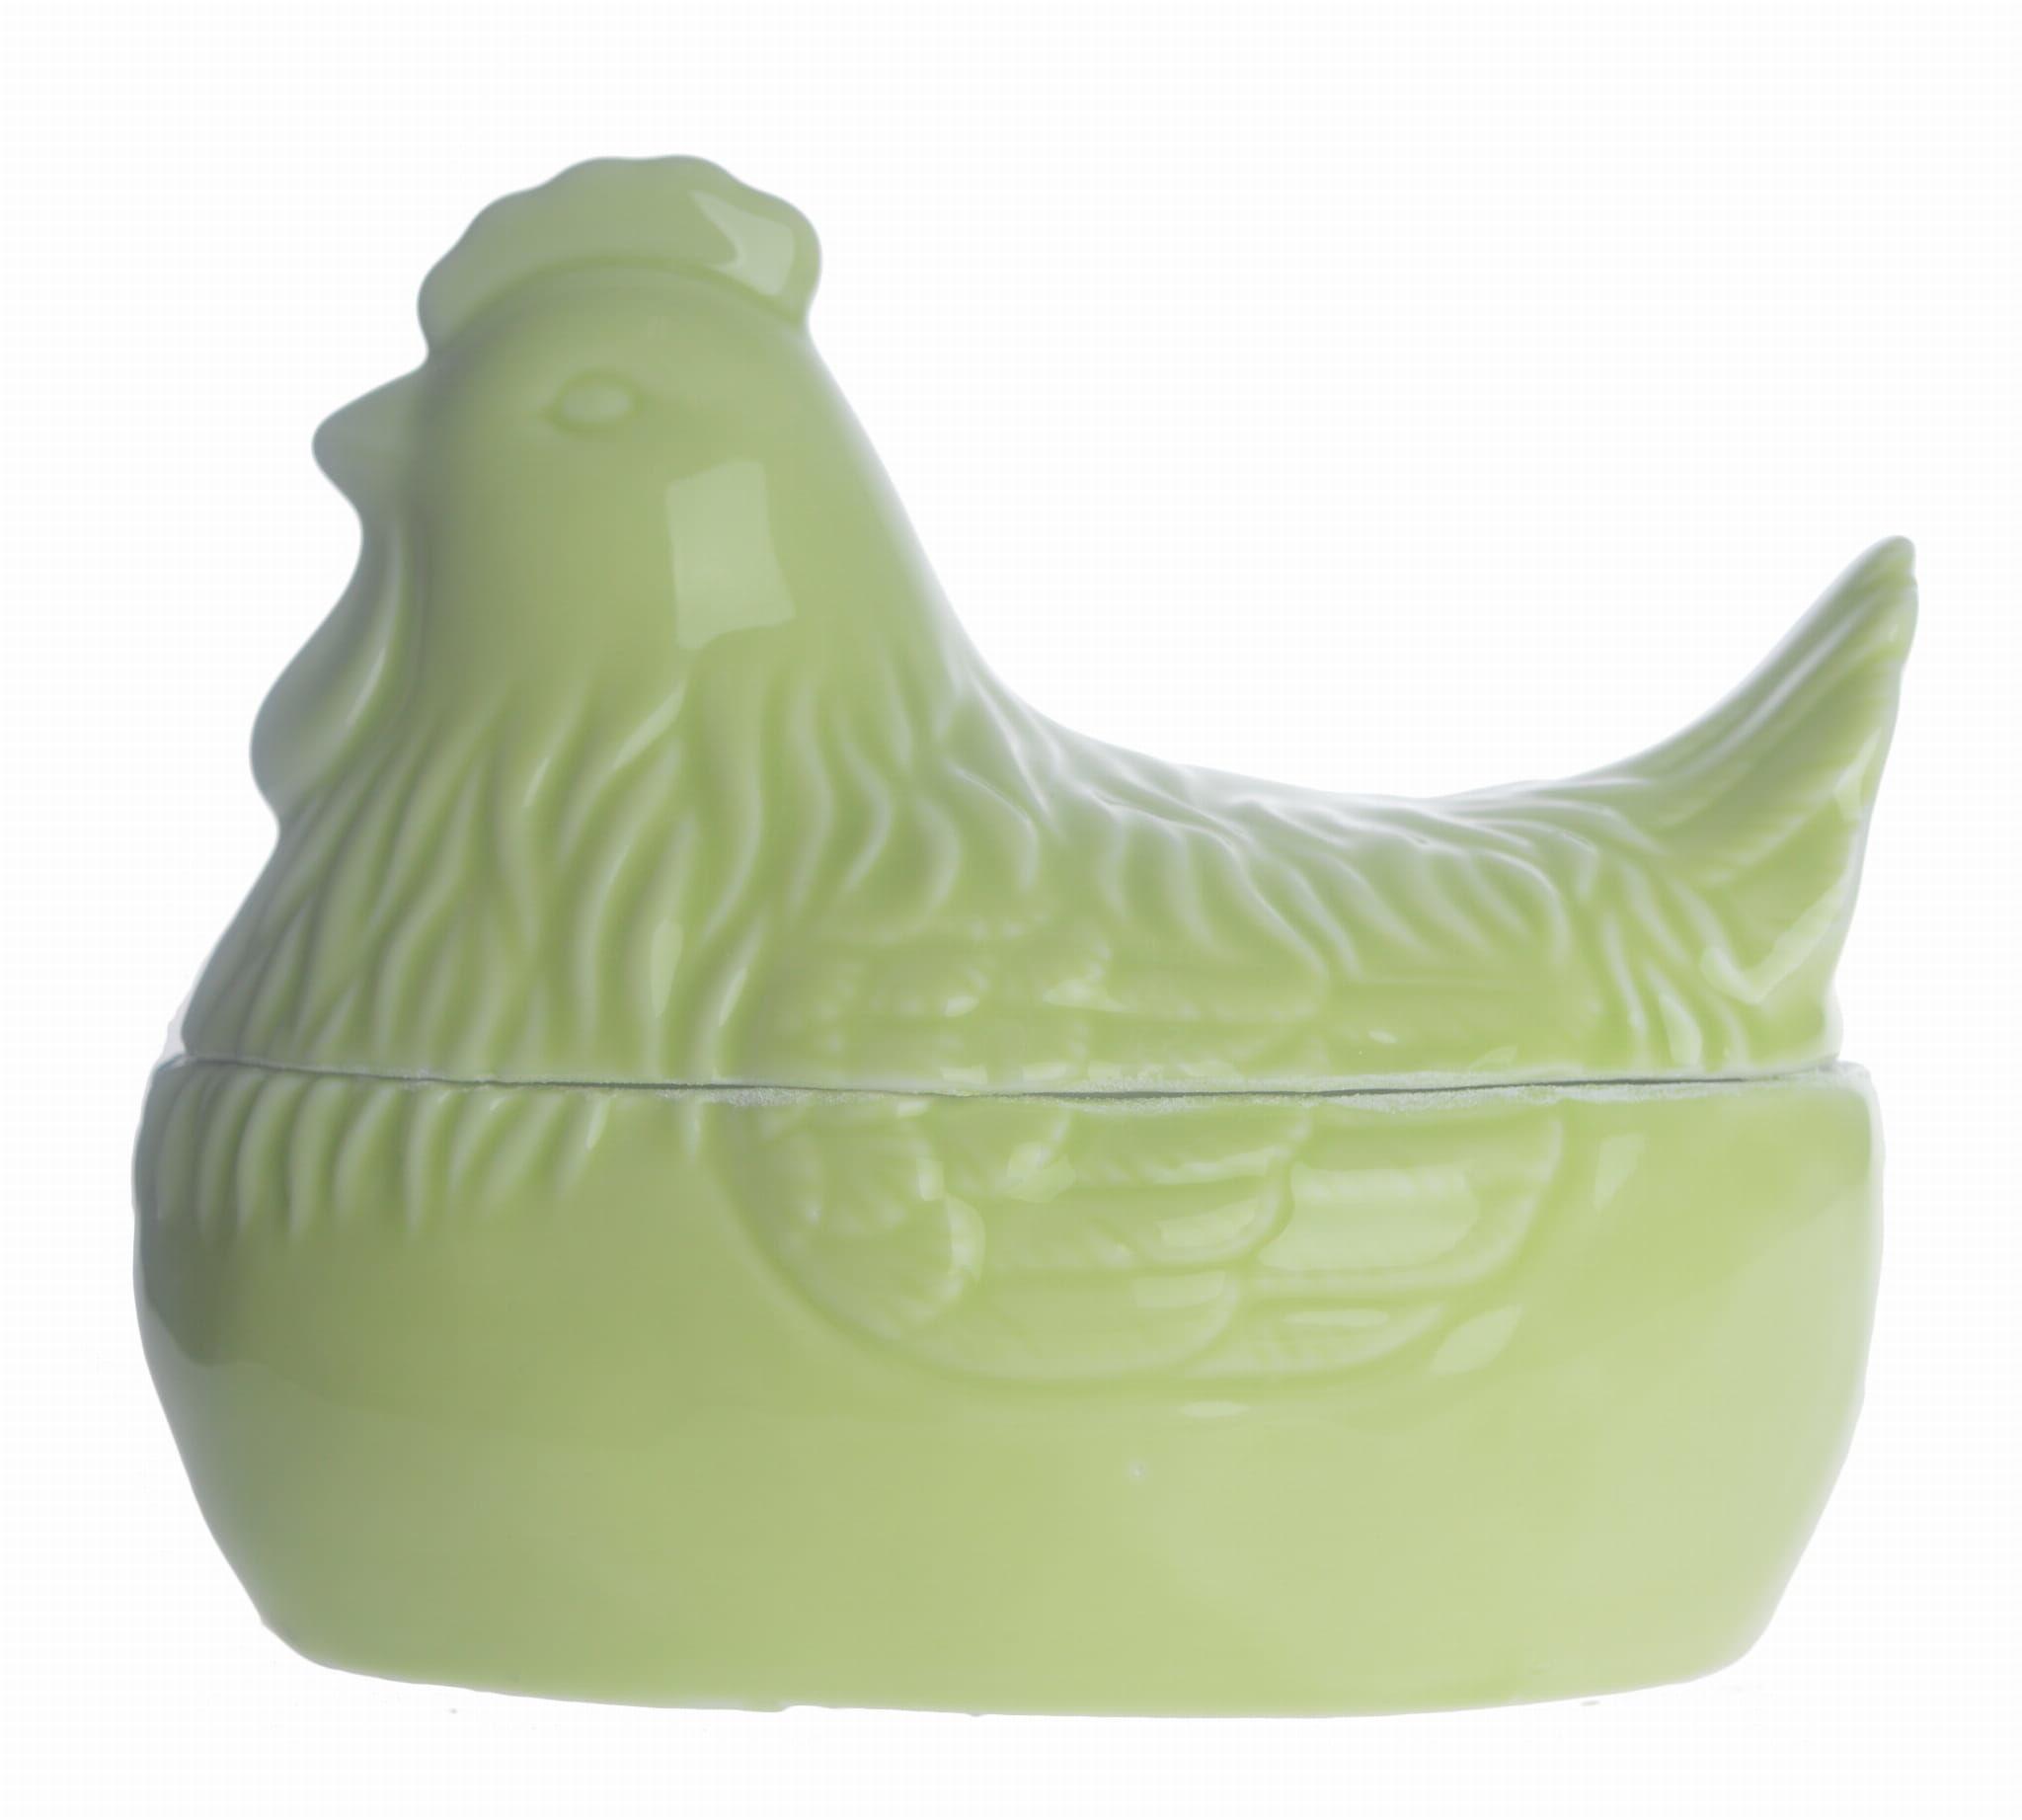 Świąteczny pojemnik w kształcie kury zielony